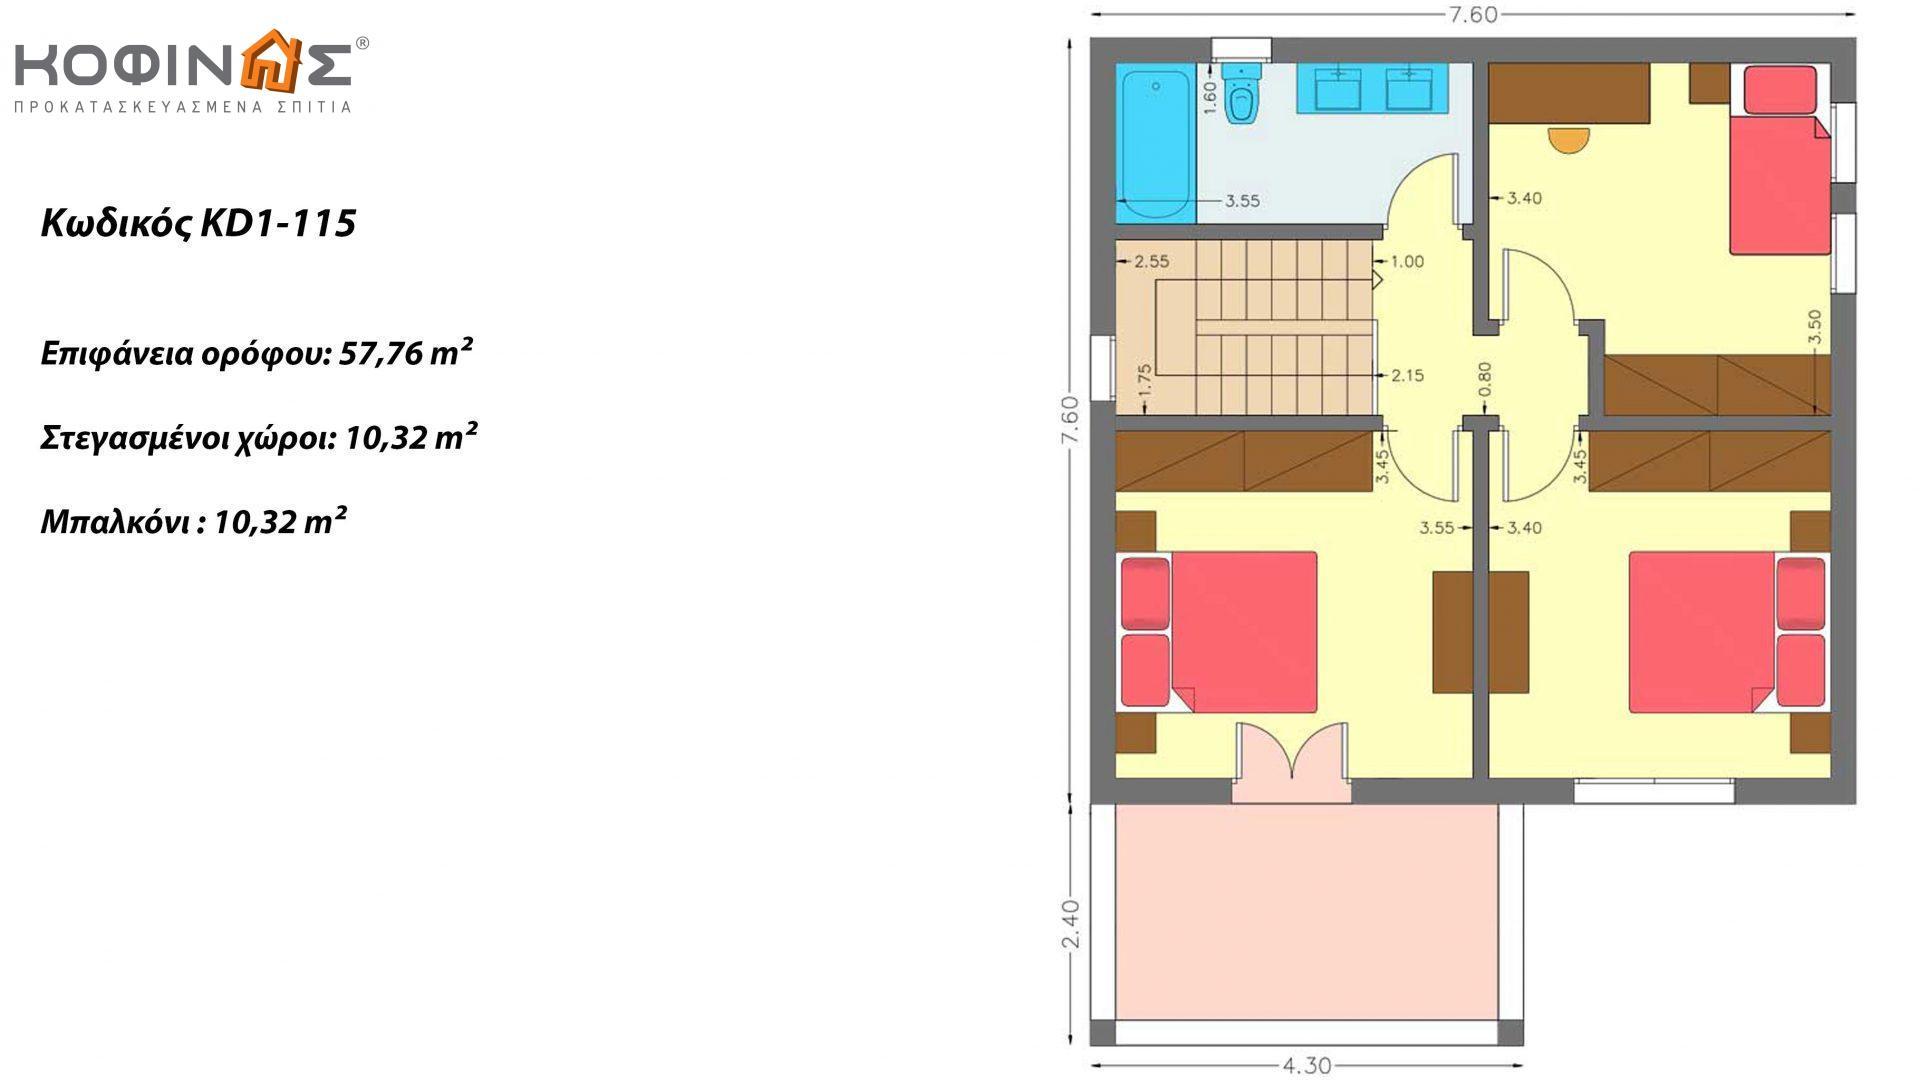 Διώροφη Κατοικία KD1-115, συνολικής επιφάνειας 115,52 τ.μ., συνολική επιφάνεια στεγασμένων χώρων 24,56 τ.μ., μπαλκόνια 10,32 τ.μ.